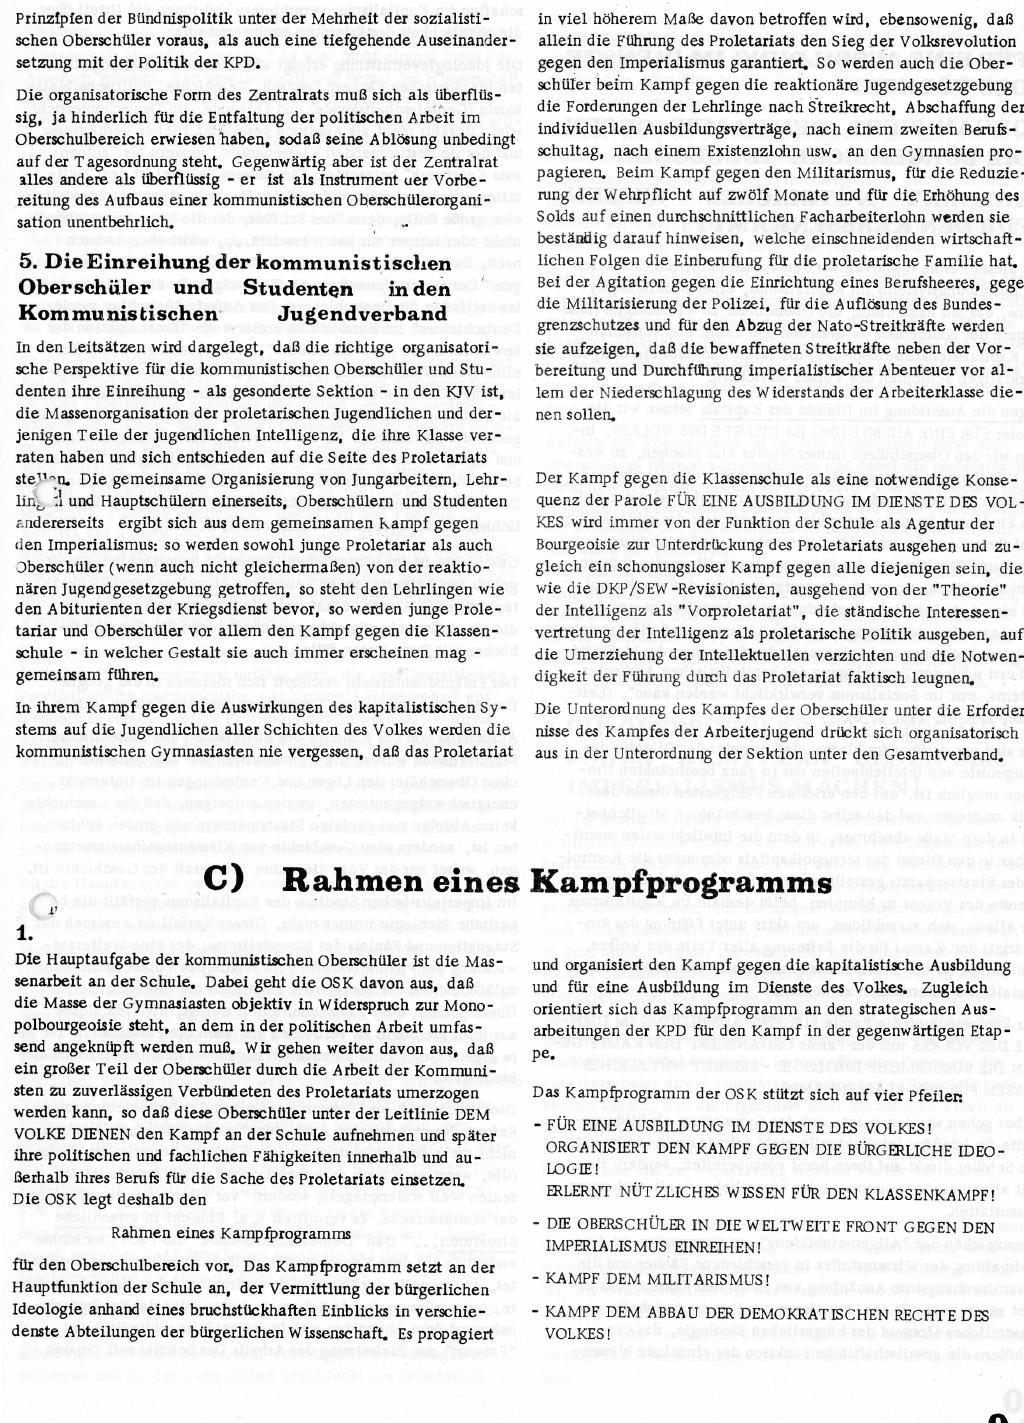 RPK_1971_138_09